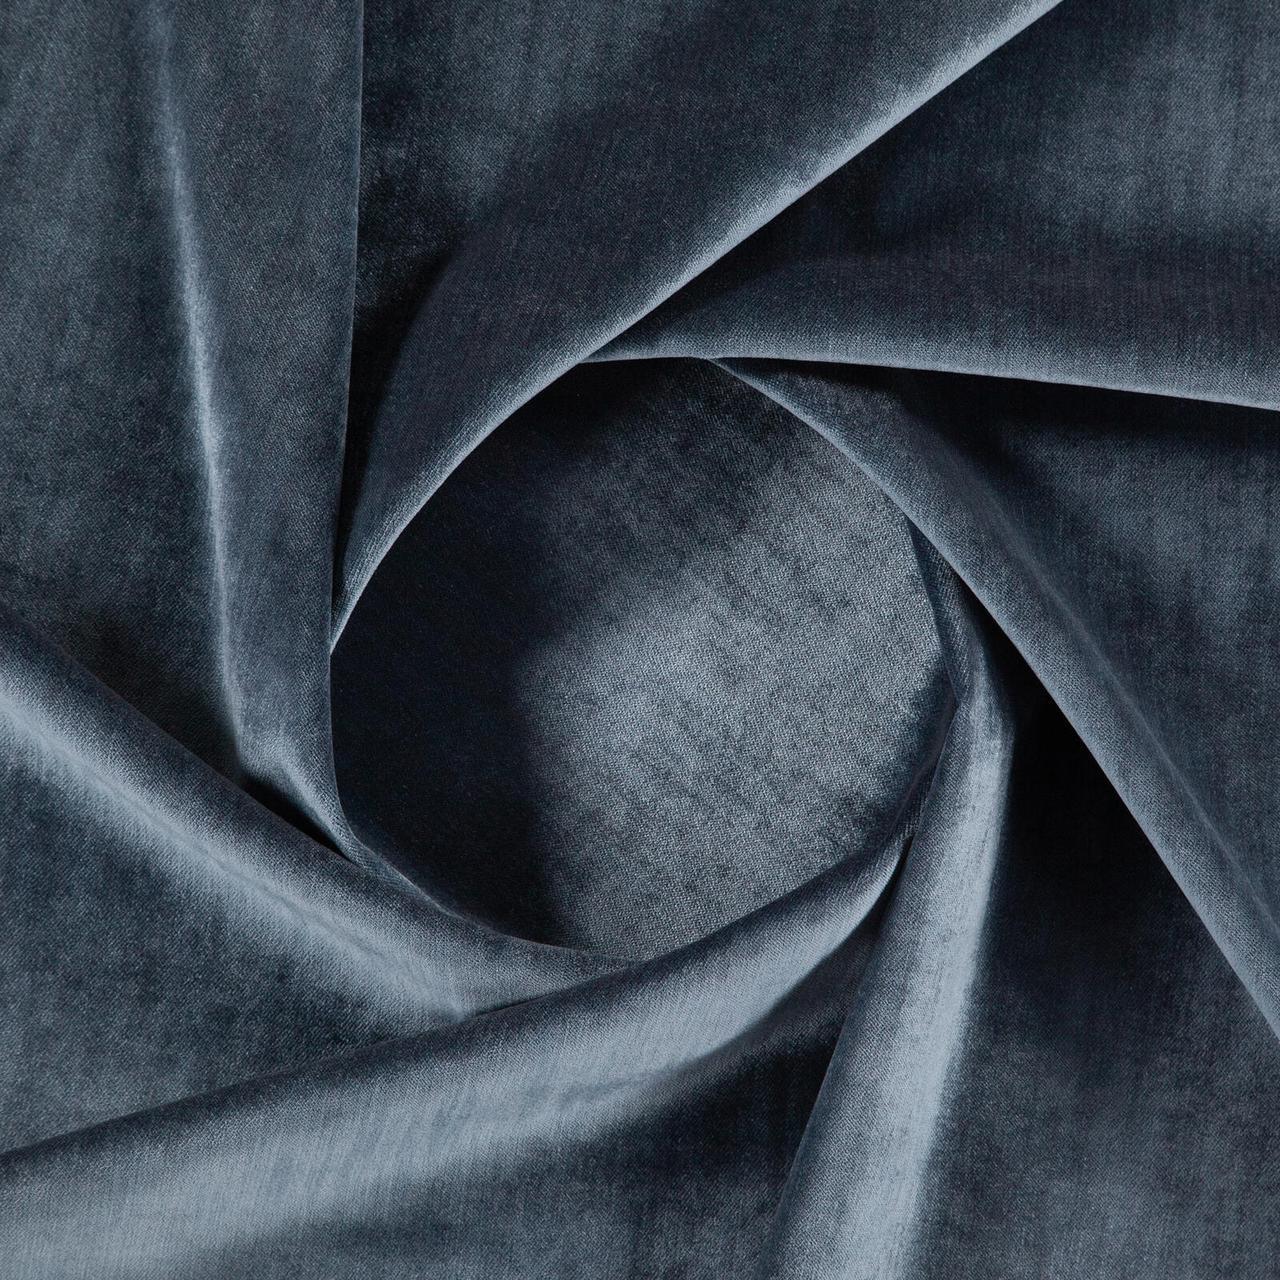 Бархат для перетяжки мебели Детерминэйшн (Determination) темно-синего цвета